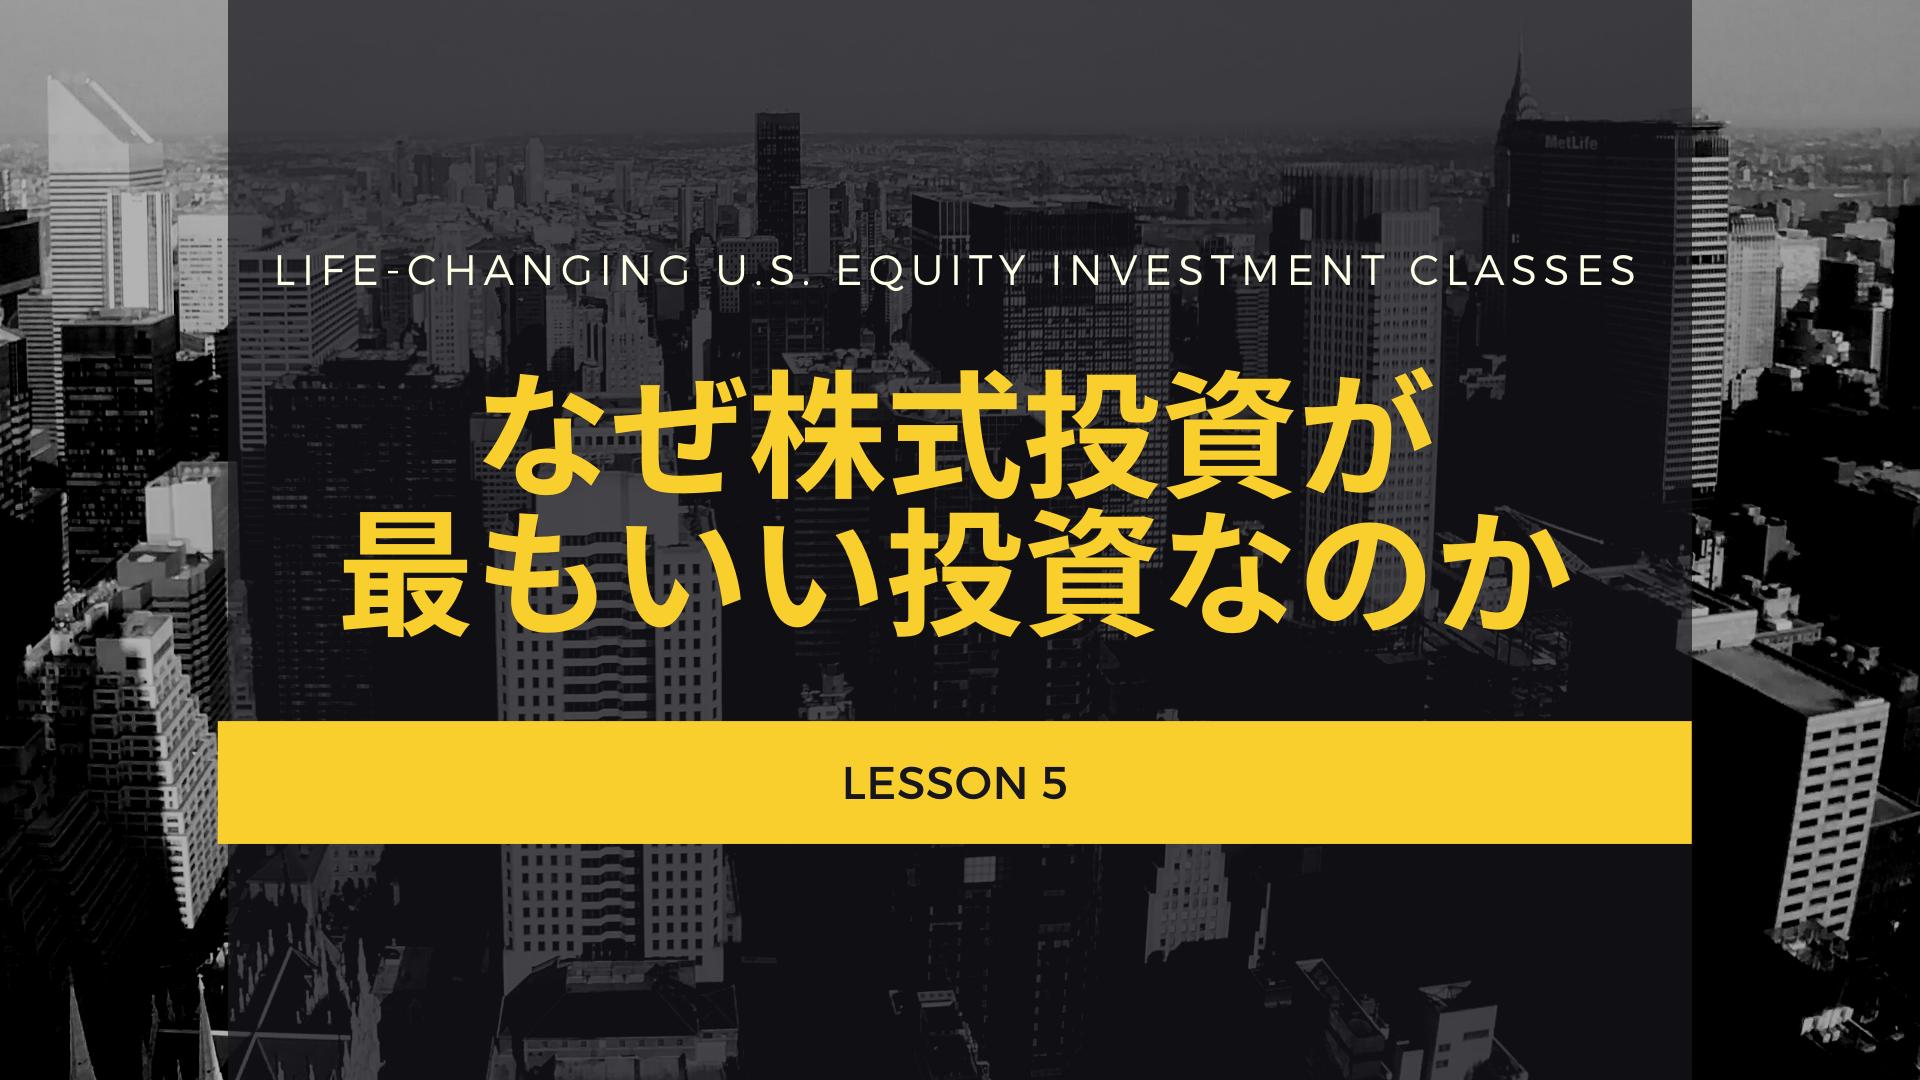 株式会社の歴史からなぜ株式投資はいい投資なのかを学ぶ